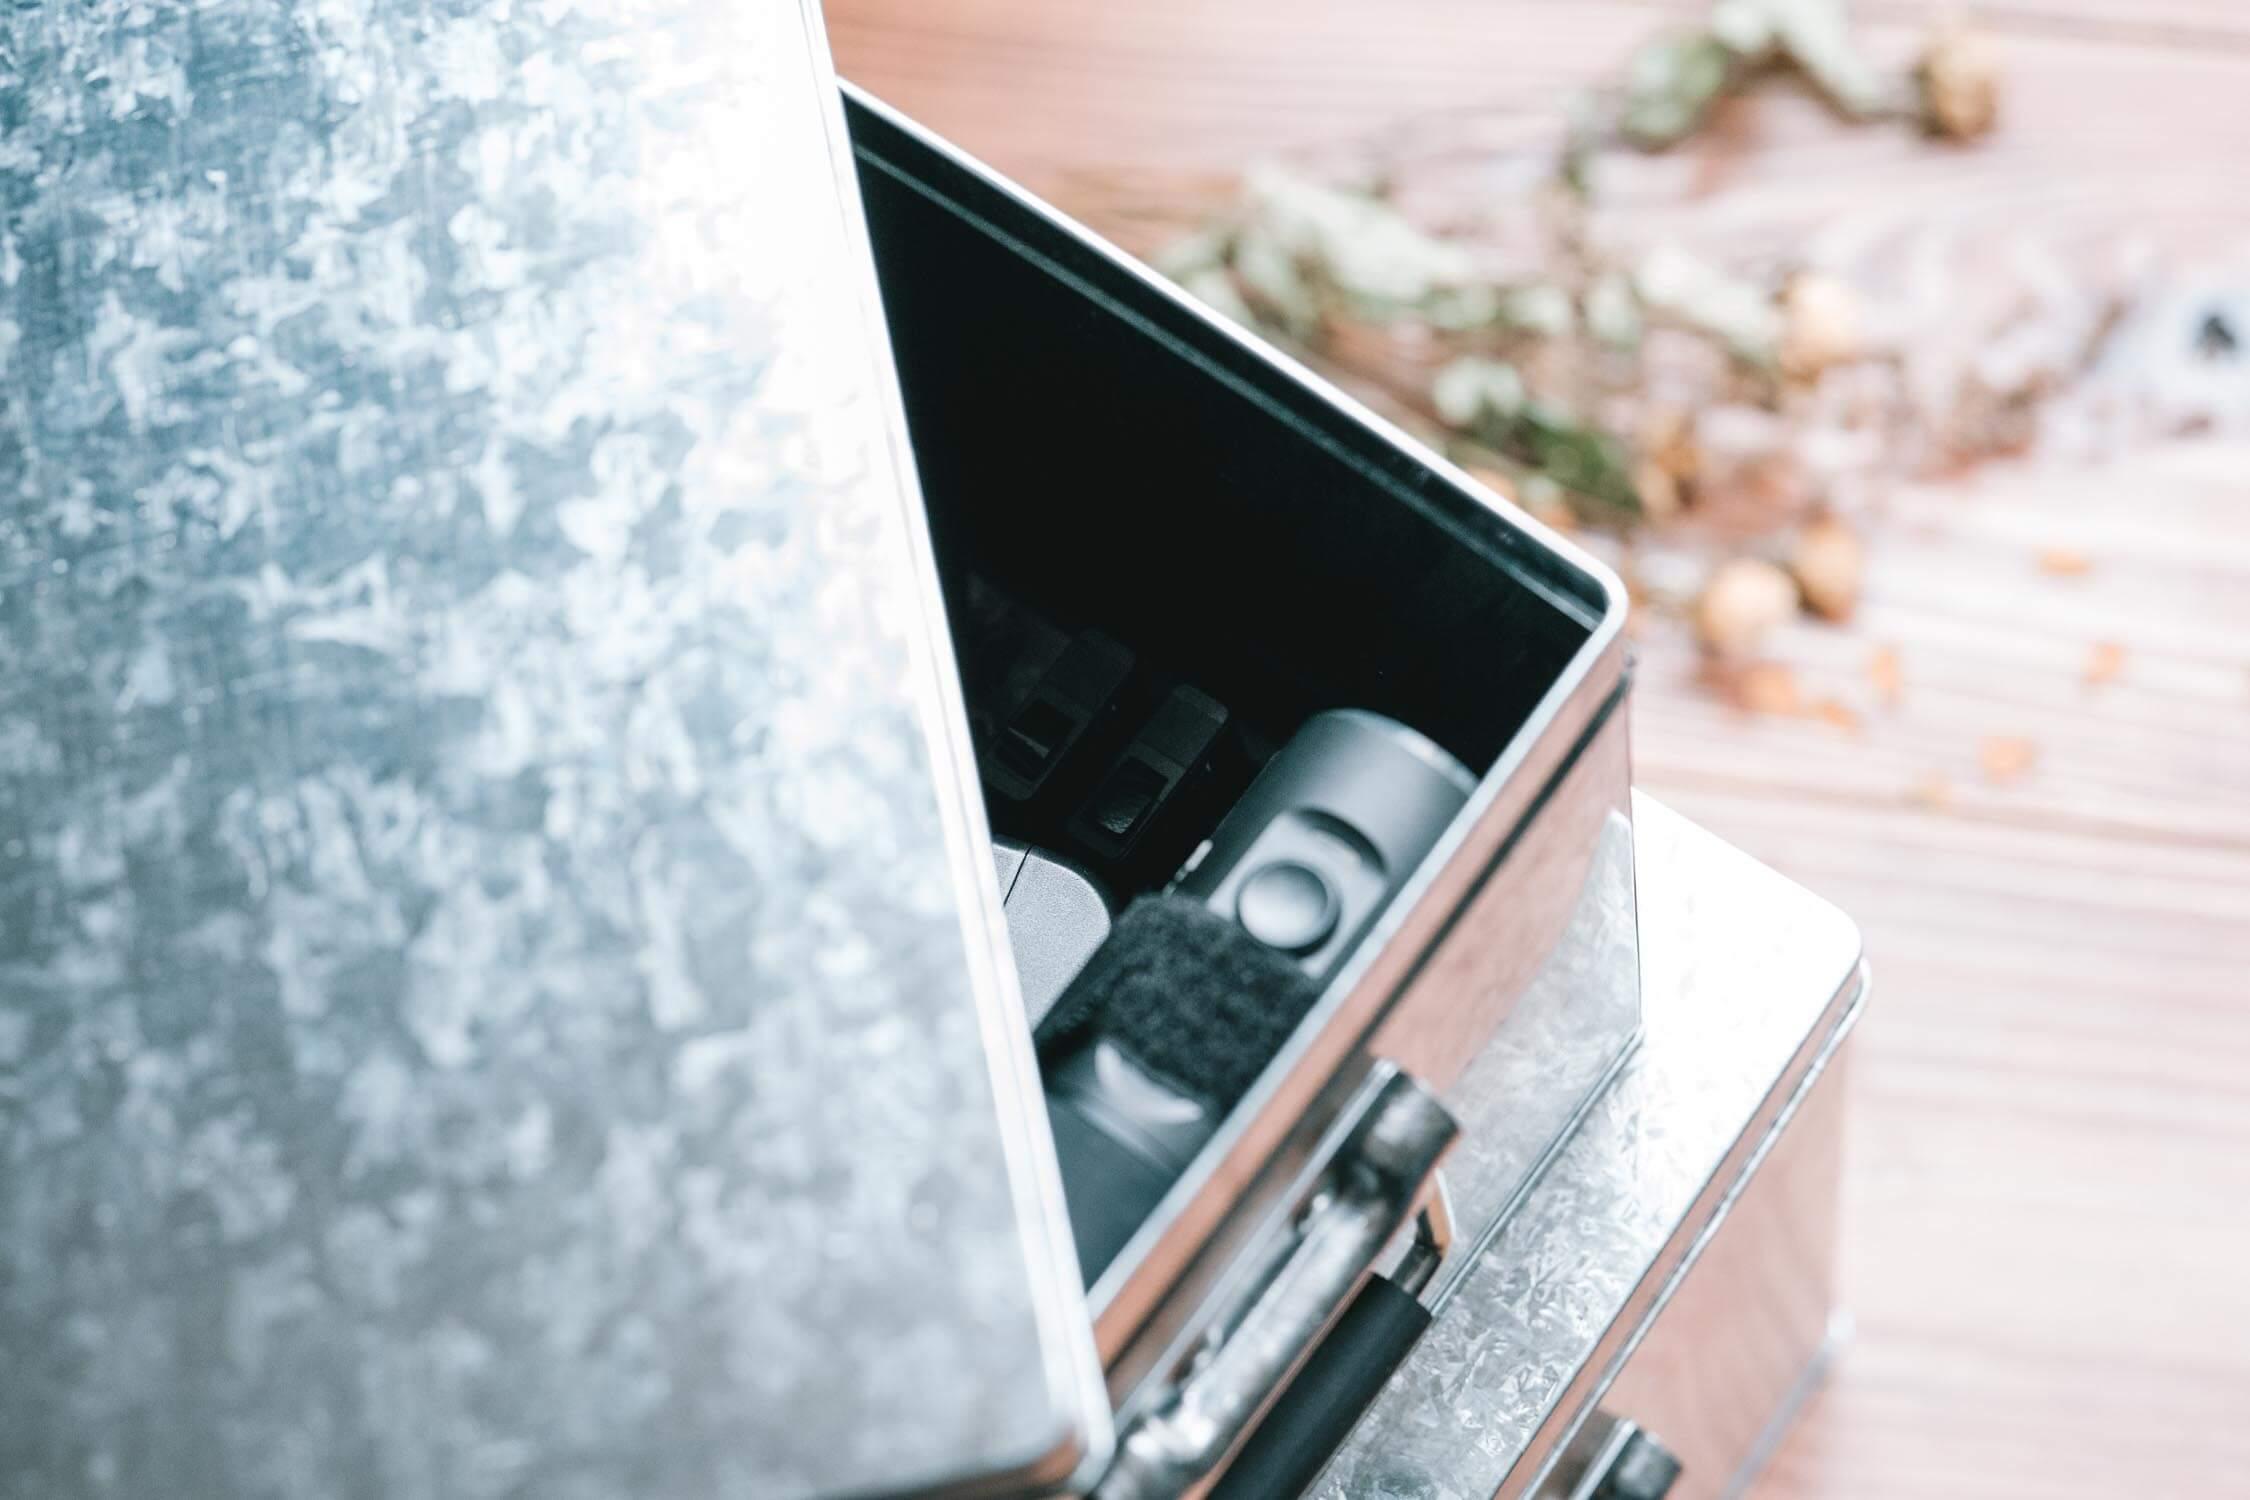 レンズの保管におすすめの、無印良品のトタンボックス